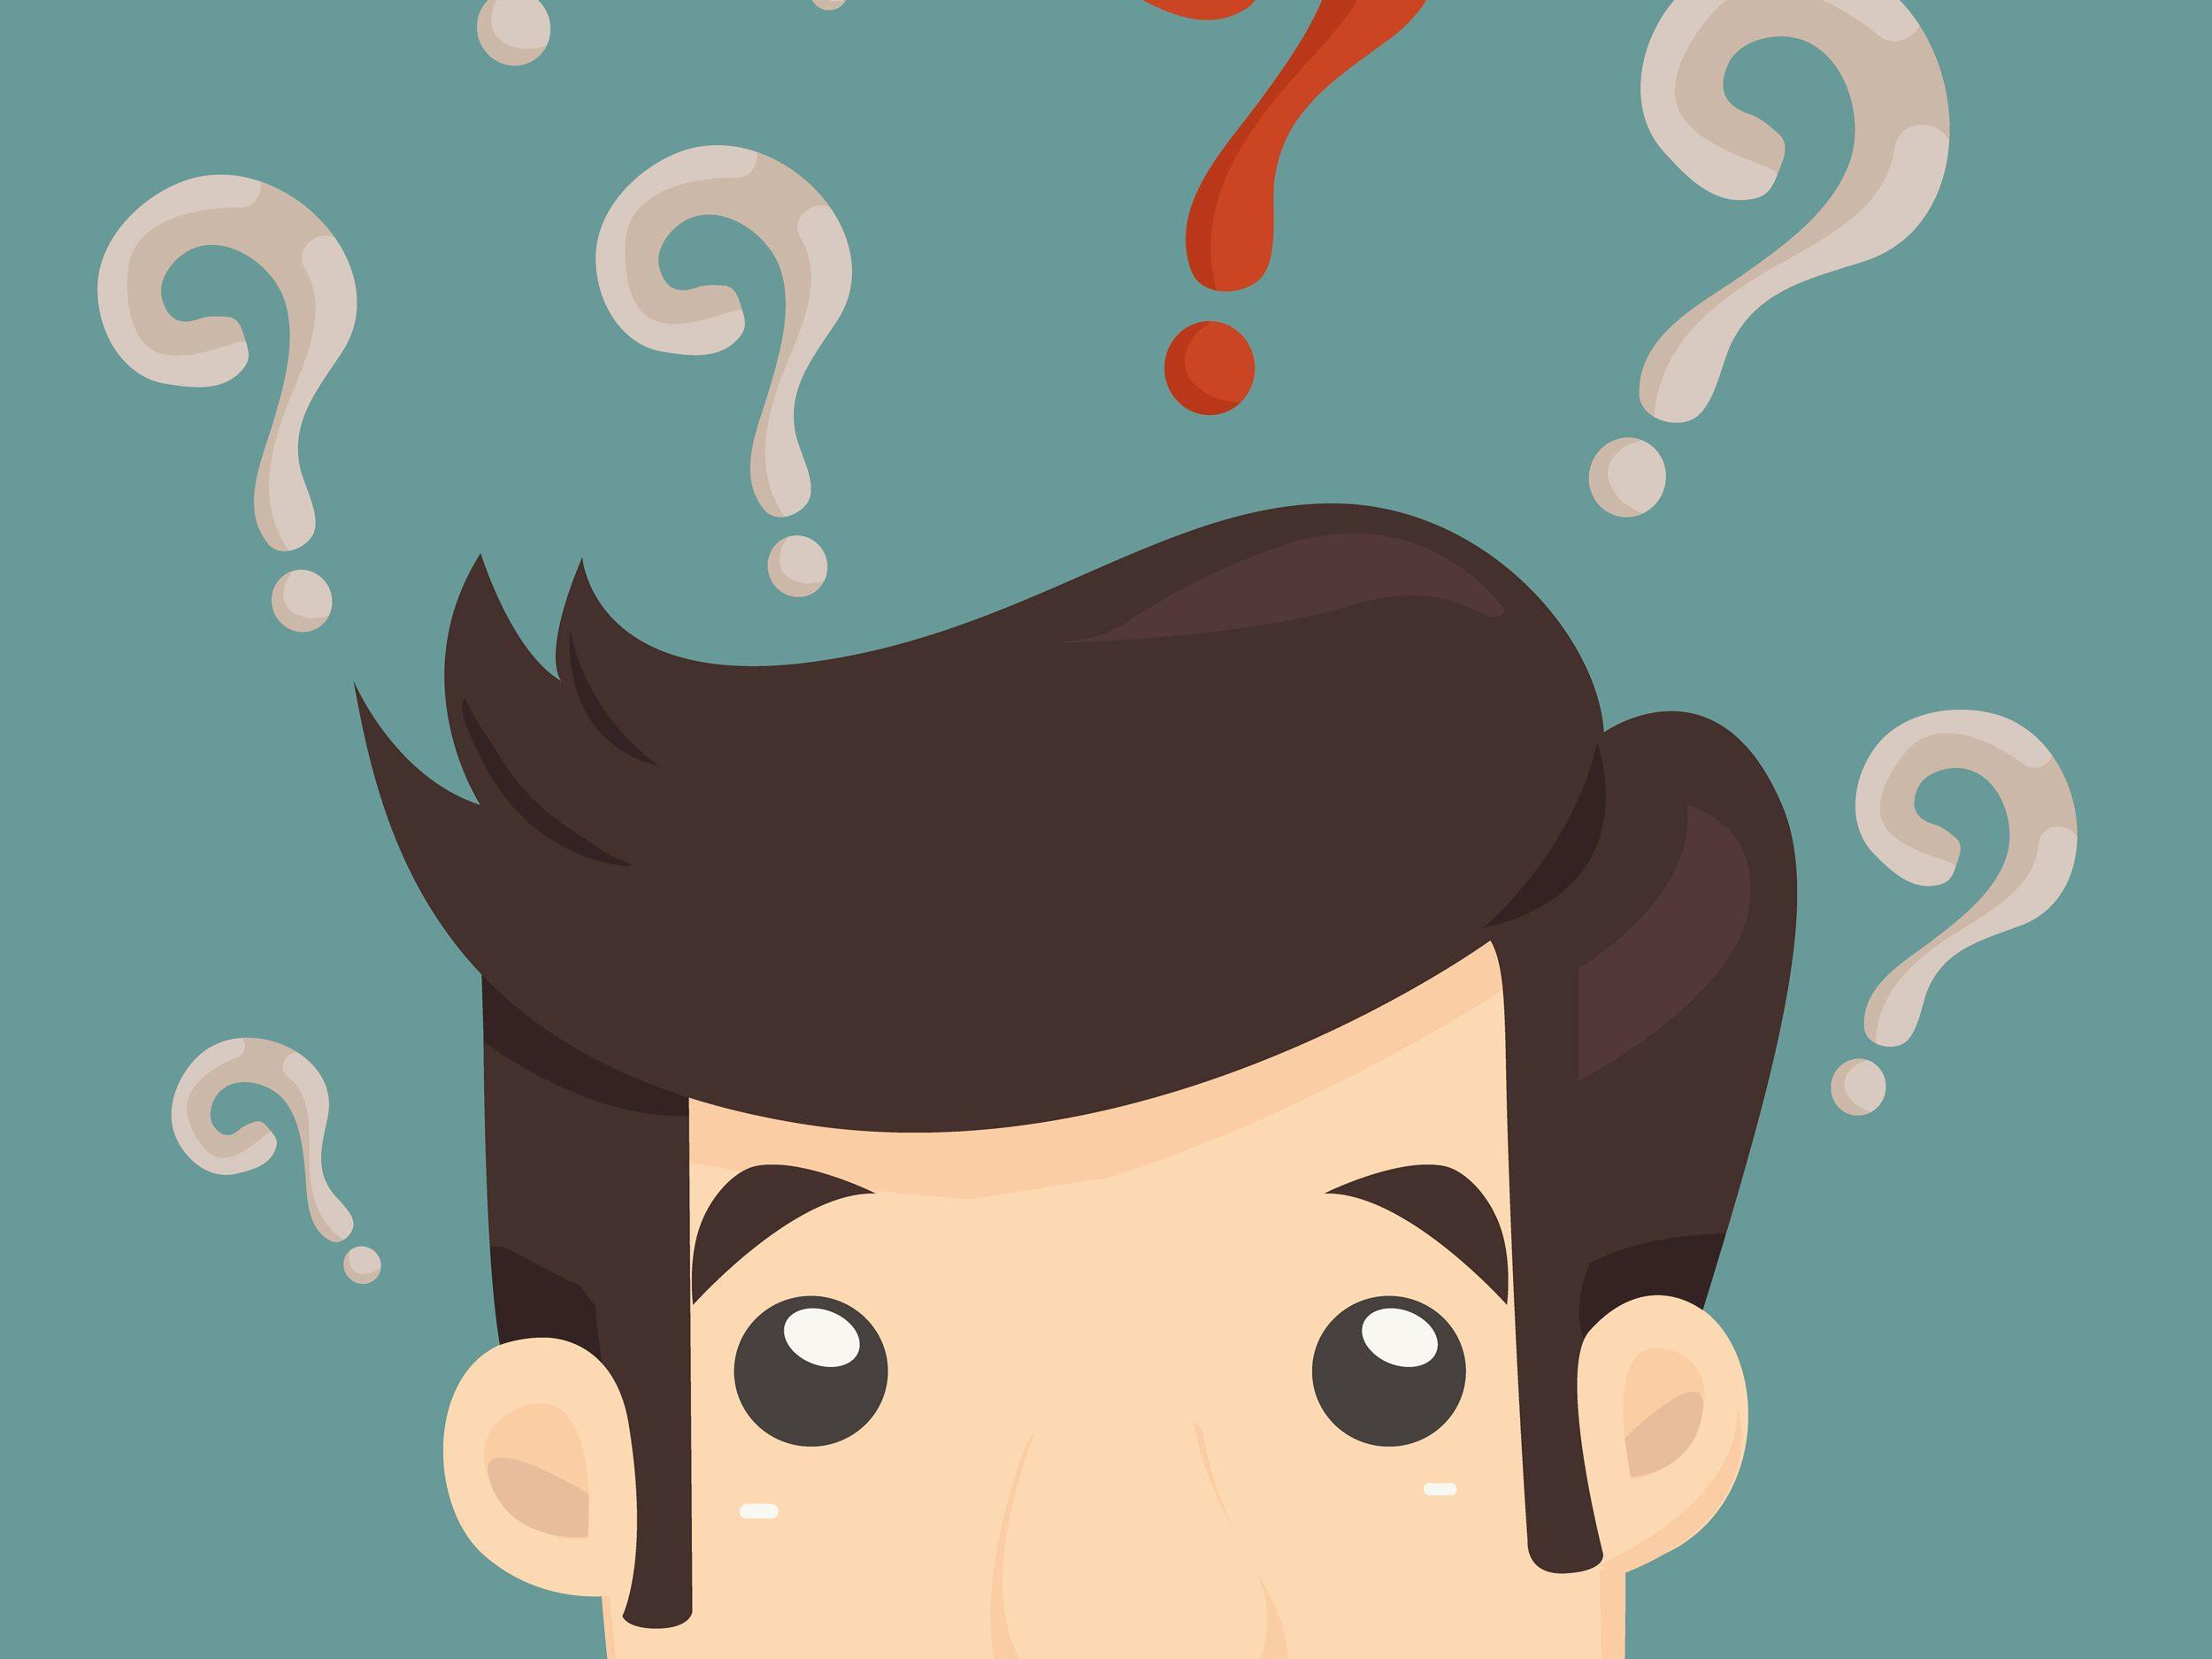 Psychologie: comment prendre une décision éclairée?